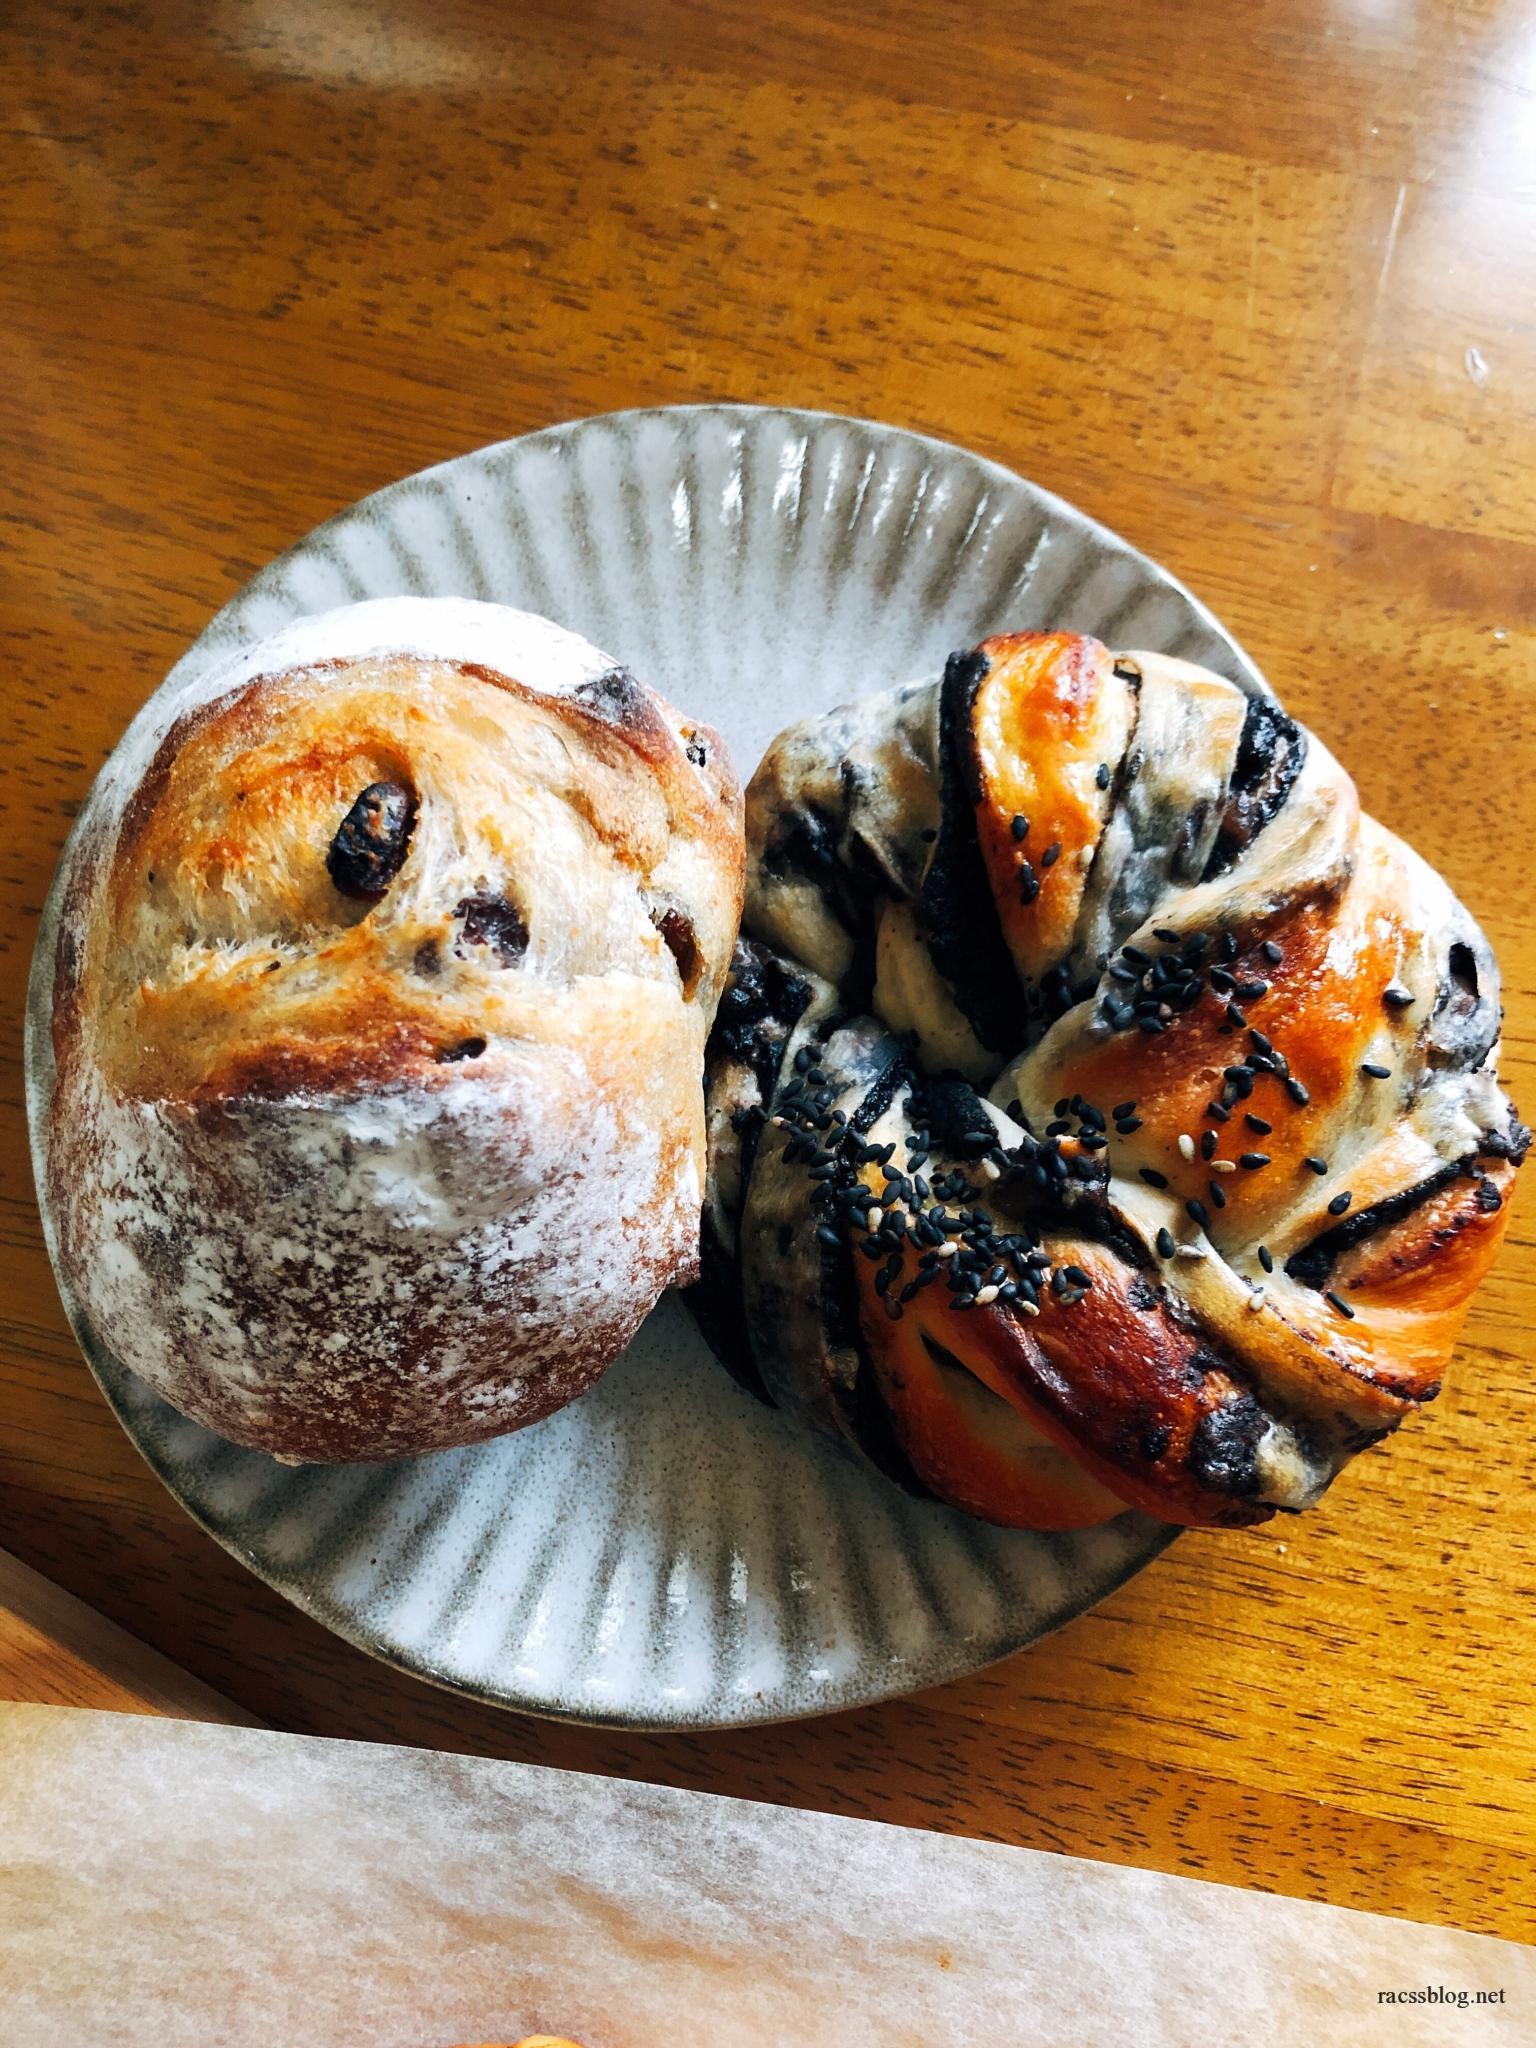 北広島のパン屋さん「麦の香」売り切れ御免のハードパンとスイーツパン